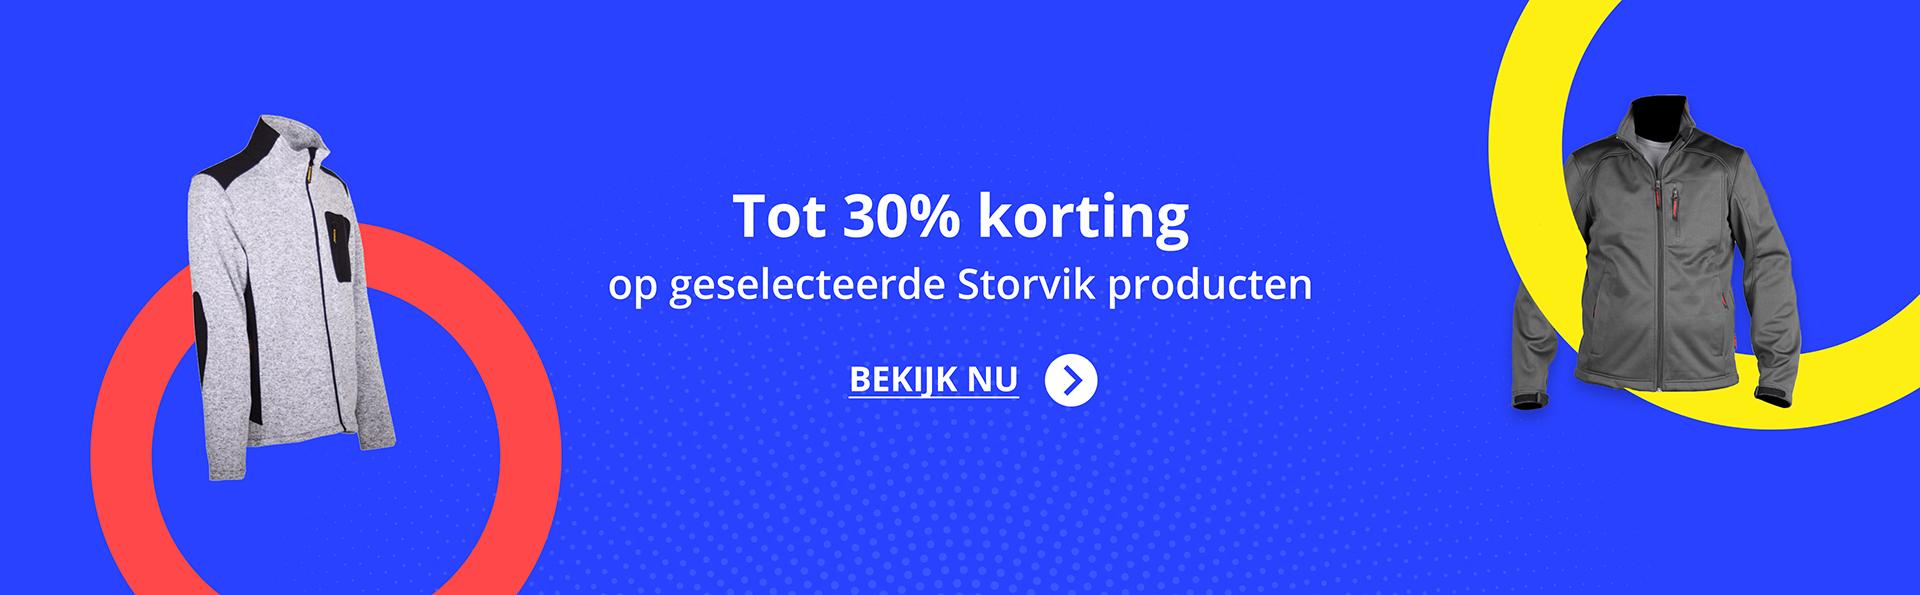 20190527 - Storvik kortingsactie